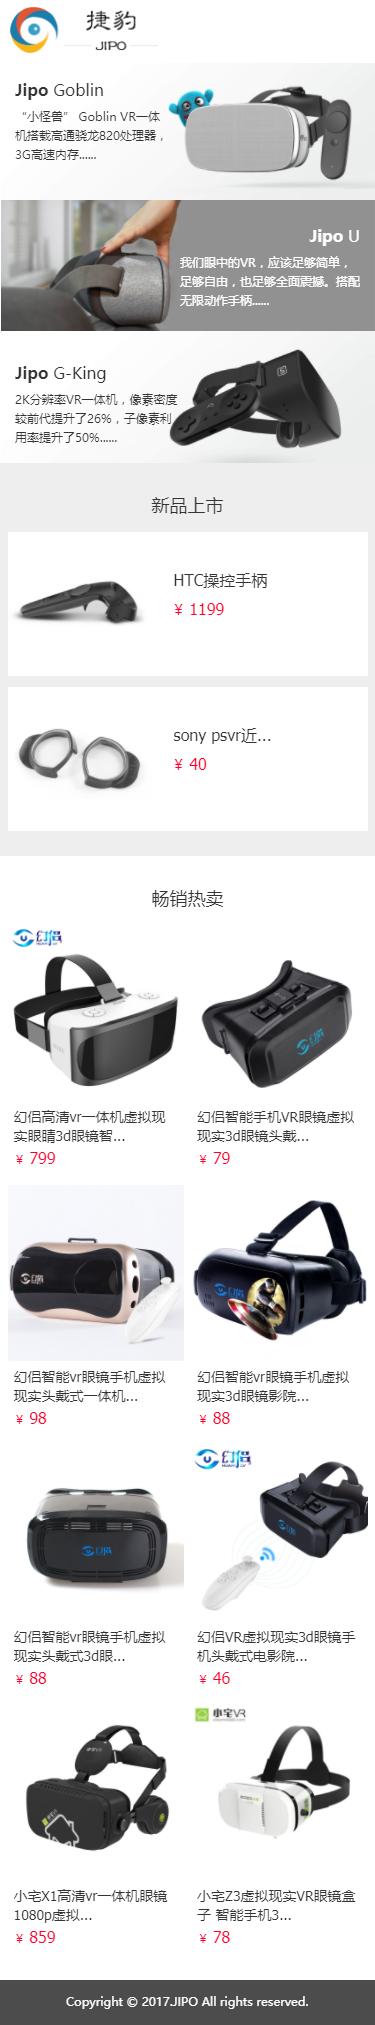 捷豹VR商城模板